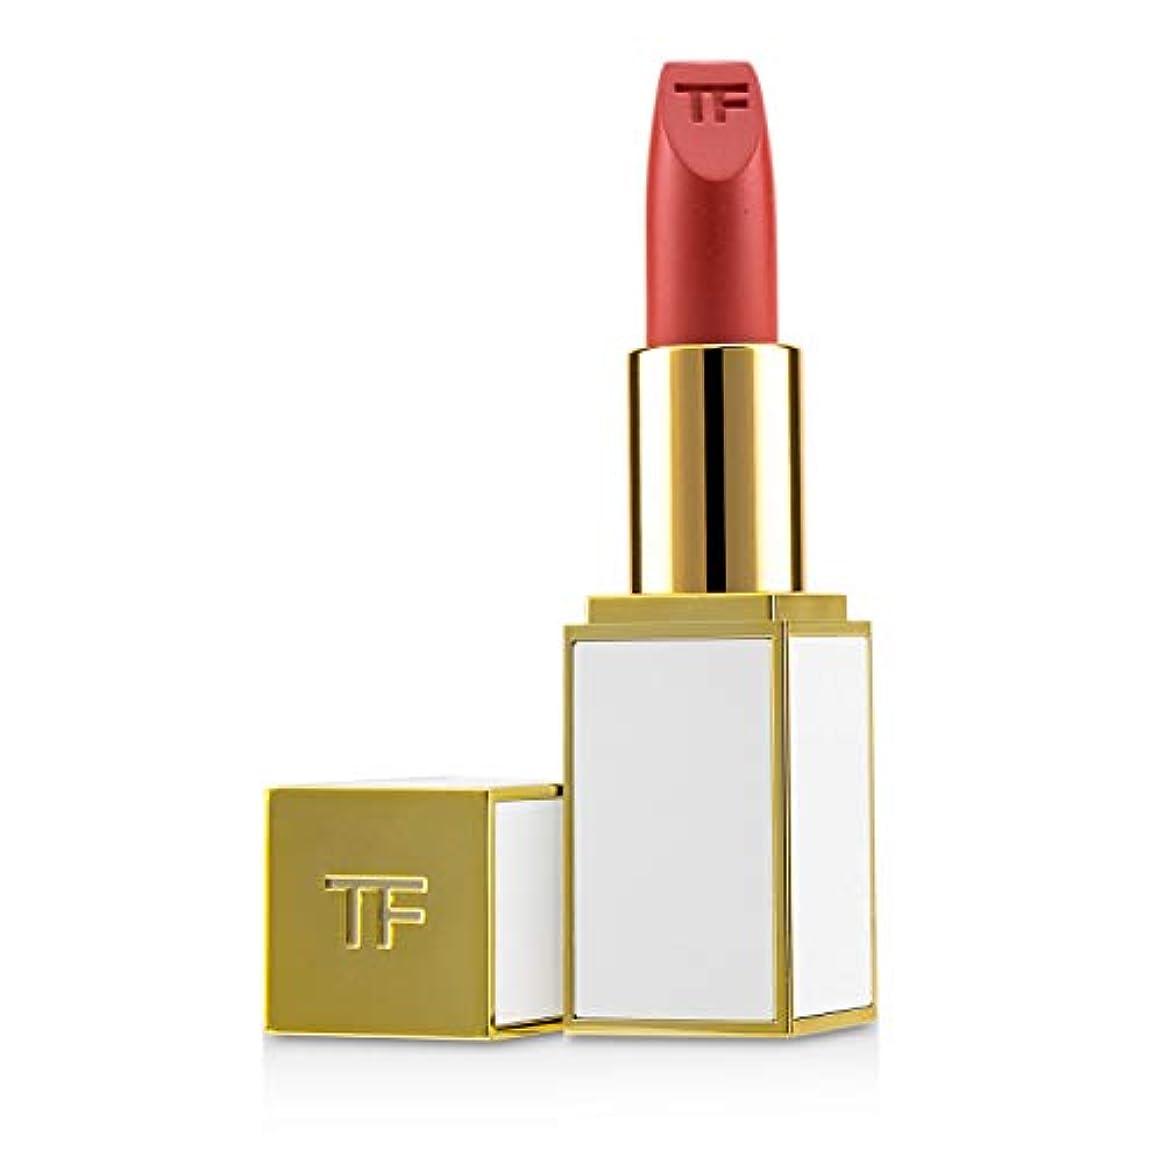 収束する簡略化する精緻化トム フォード Lip Color Sheer - # 16 Pieno Sole 3g/0.1oz並行輸入品